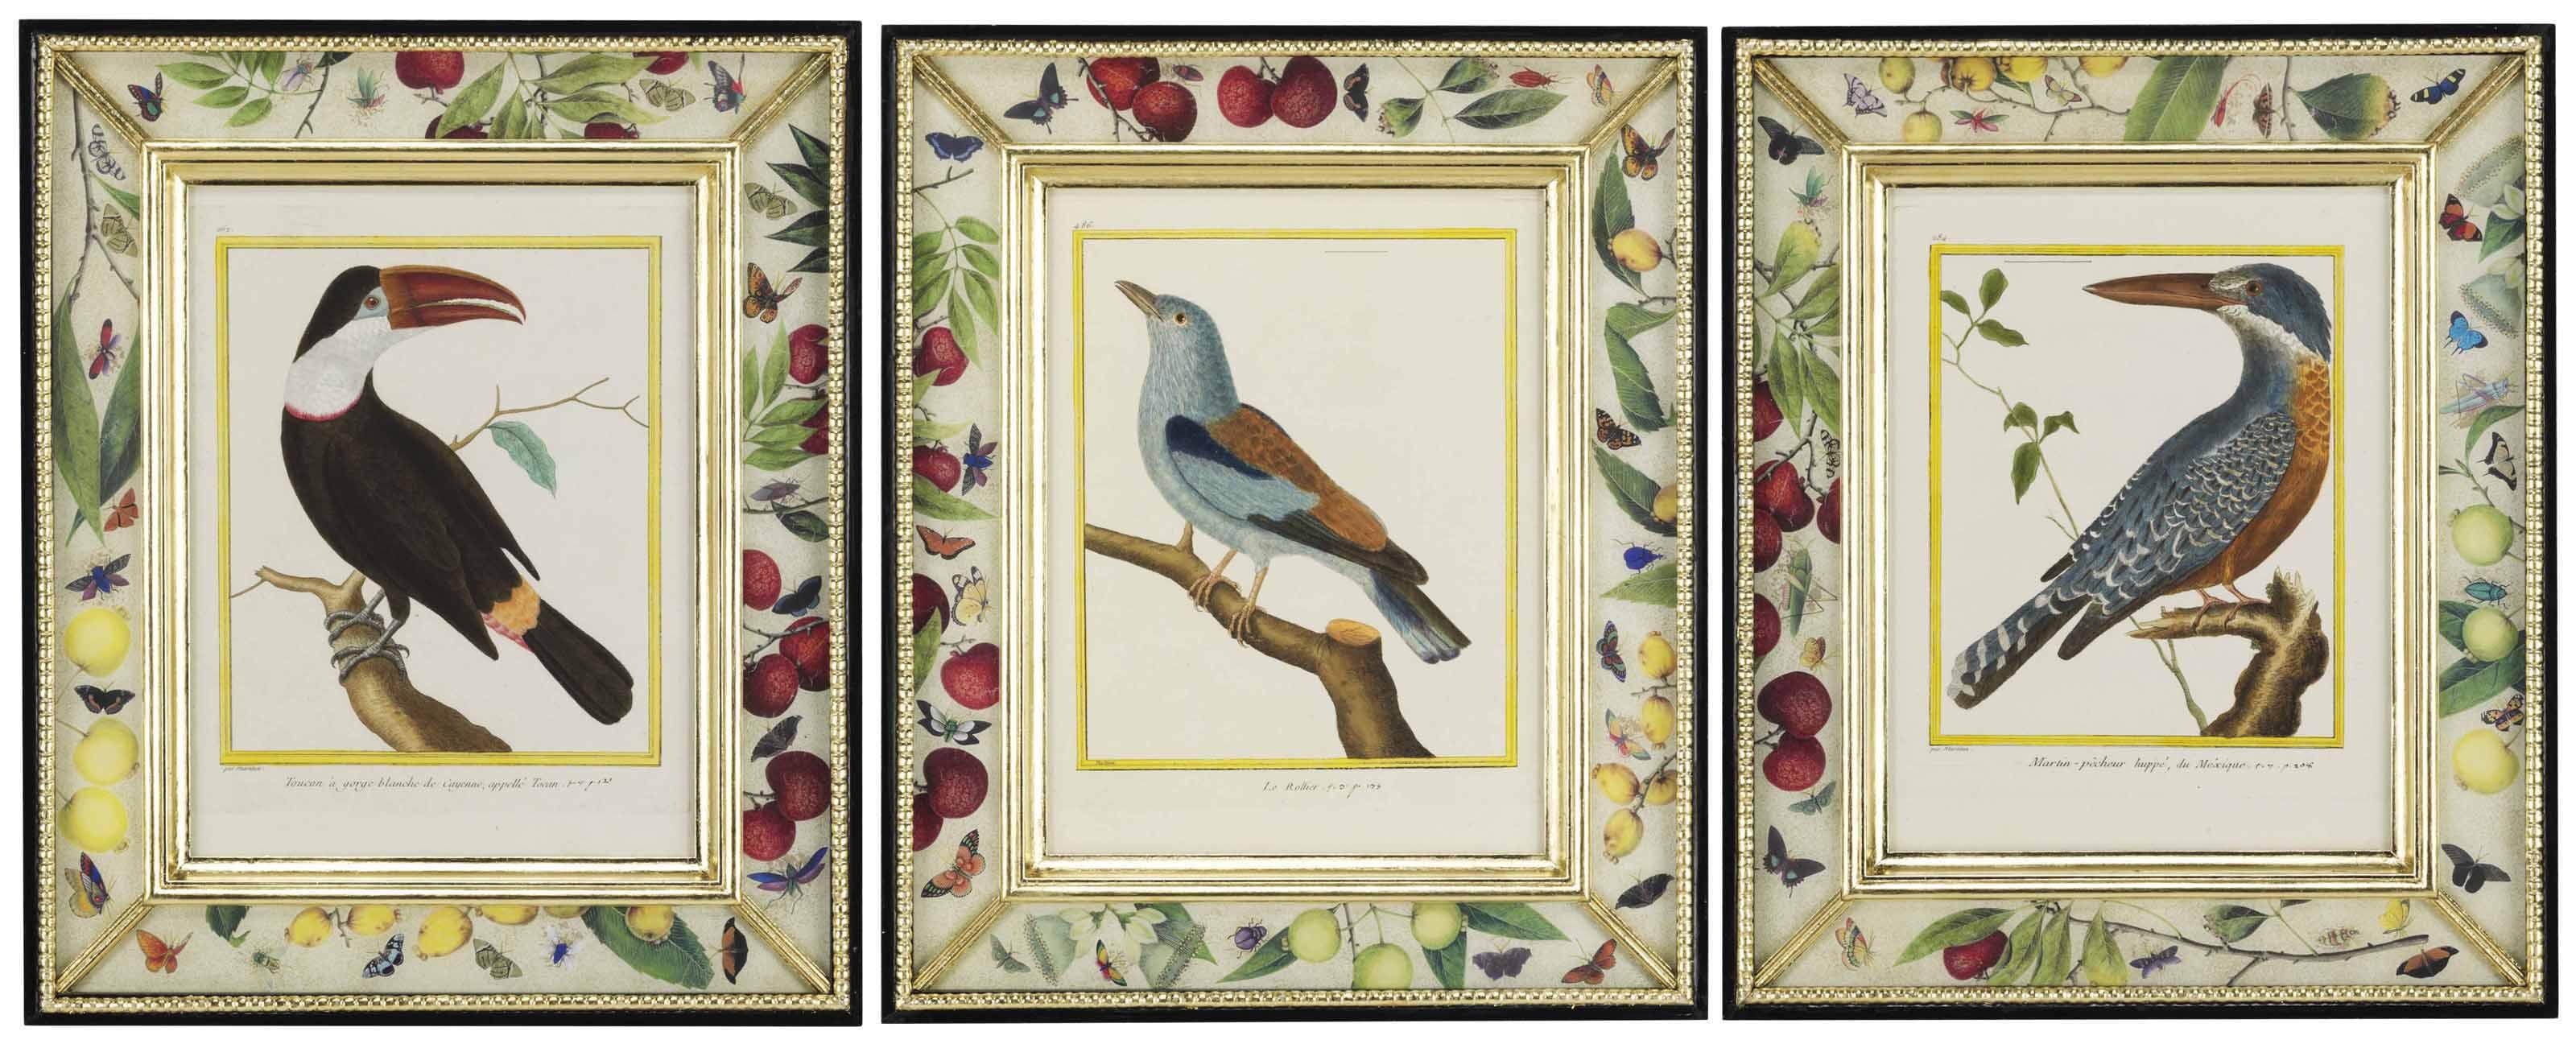 TWELVE HAND-COLOURED MEZZOTINTS OF BIRDS FROM HISTOIRE NATURELLE DES OISEAUX